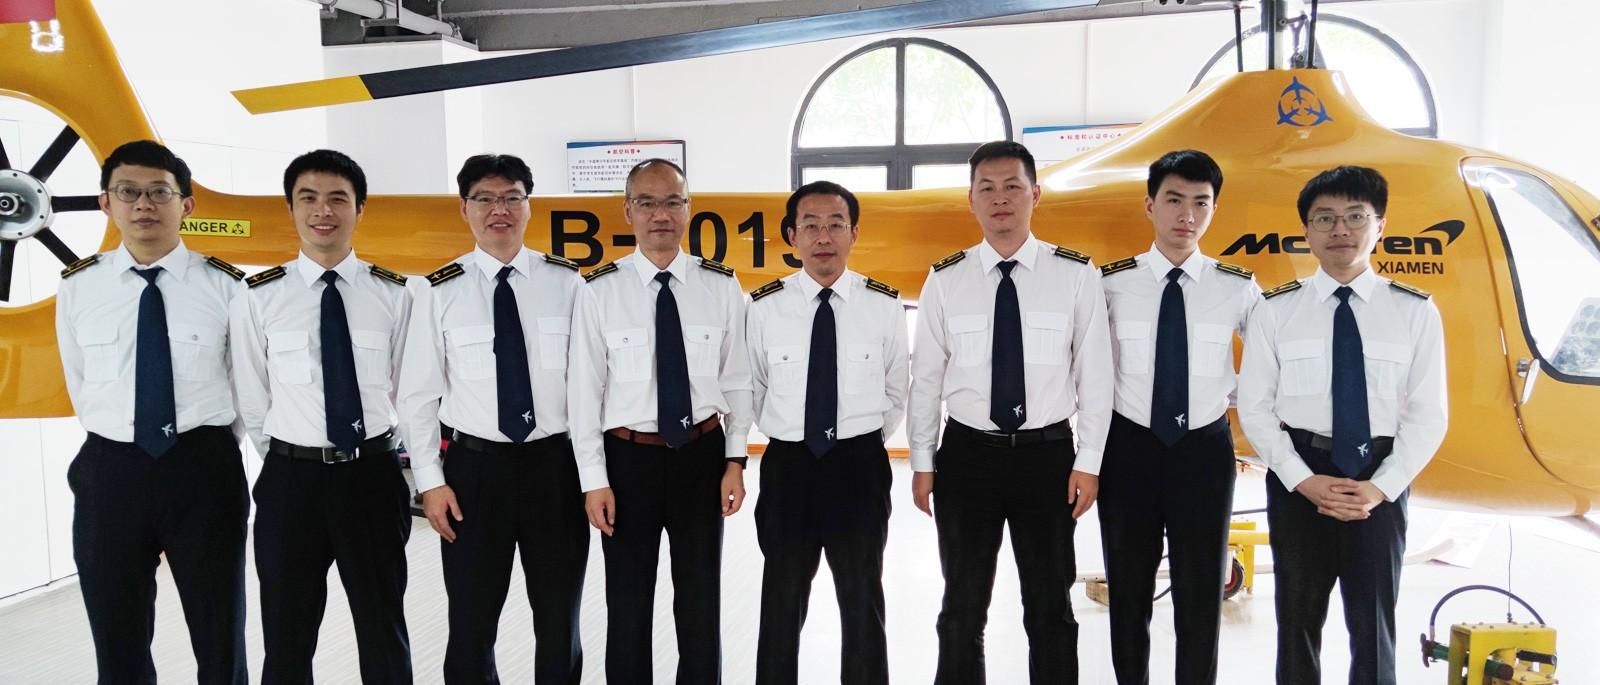 航空公司培训教师工作装